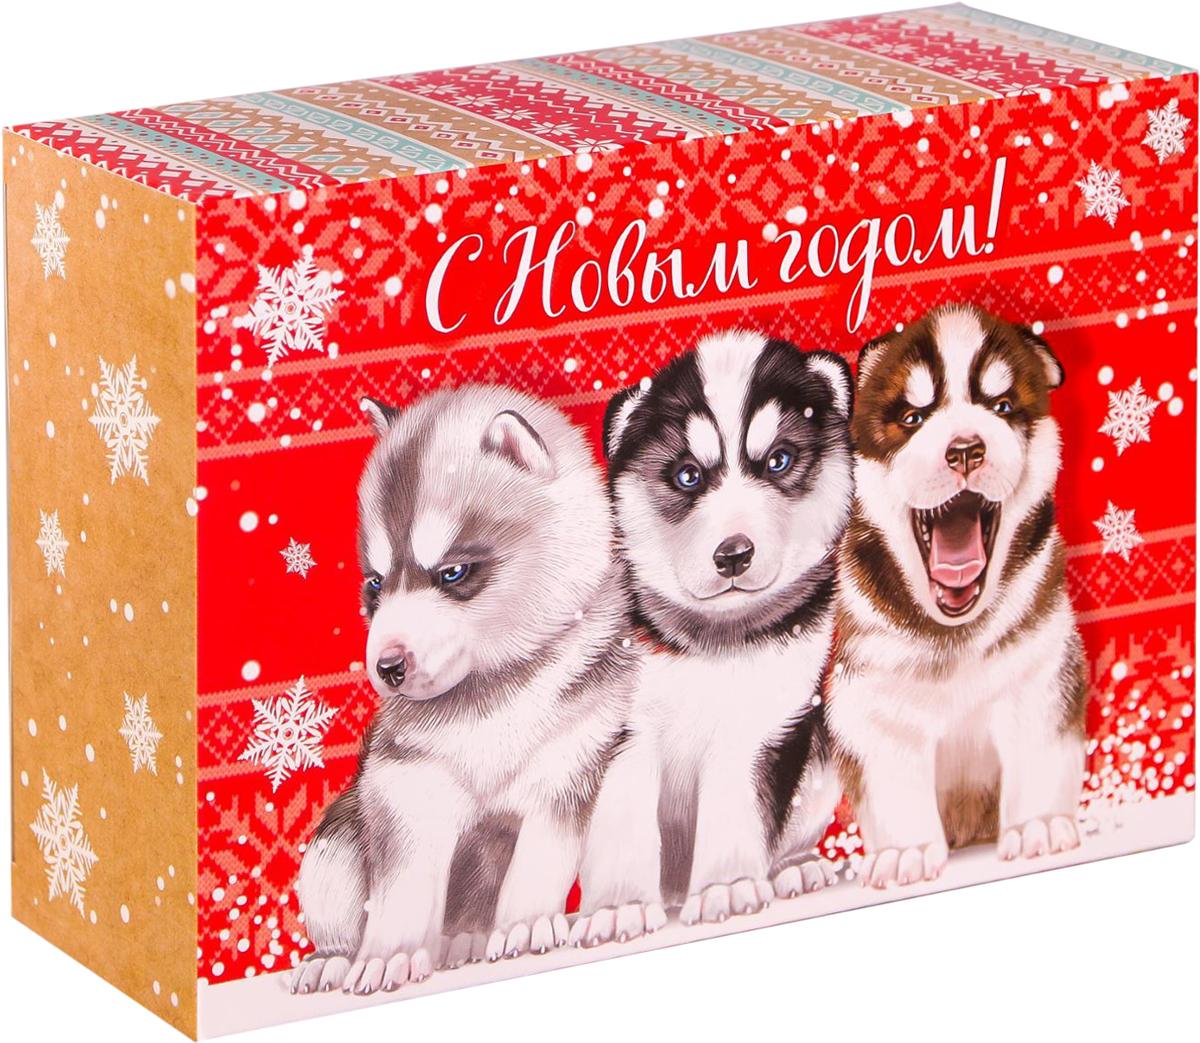 Коробка складная Дарите счастье Новогодние щенки, цвет: красный, 16 х 23 х 7,5 см1308843_оленьЛюбой подарок начинается с упаковки. Что может быть трогательнее и волшебнее, чем ритуал разворачивания полученного презента. И именно оригинальная, со вкусом выбранная упаковка выделит ваш подарок из массы других. Складная коробка Дарите счастье Новогодние щенки продемонстрирует самые теплые чувства к виновнику торжества и создаст сказочную атмосферу праздника. Размер: 16 х 23 х 7,5 см.